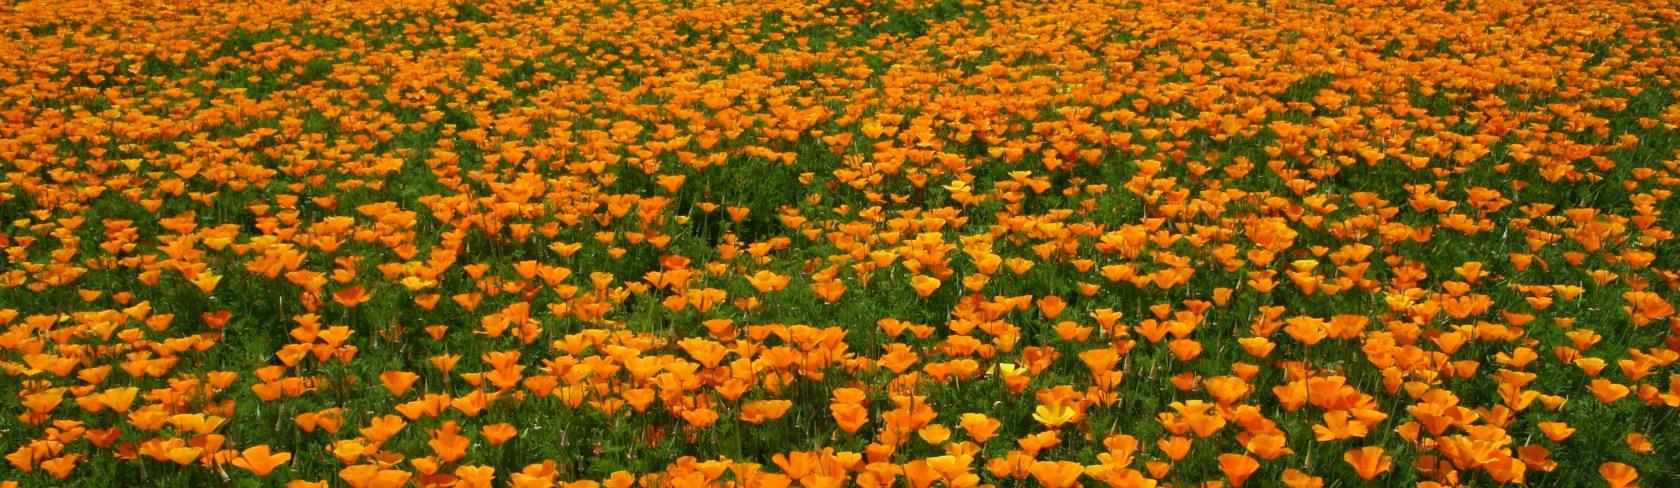 OrangePoppyField